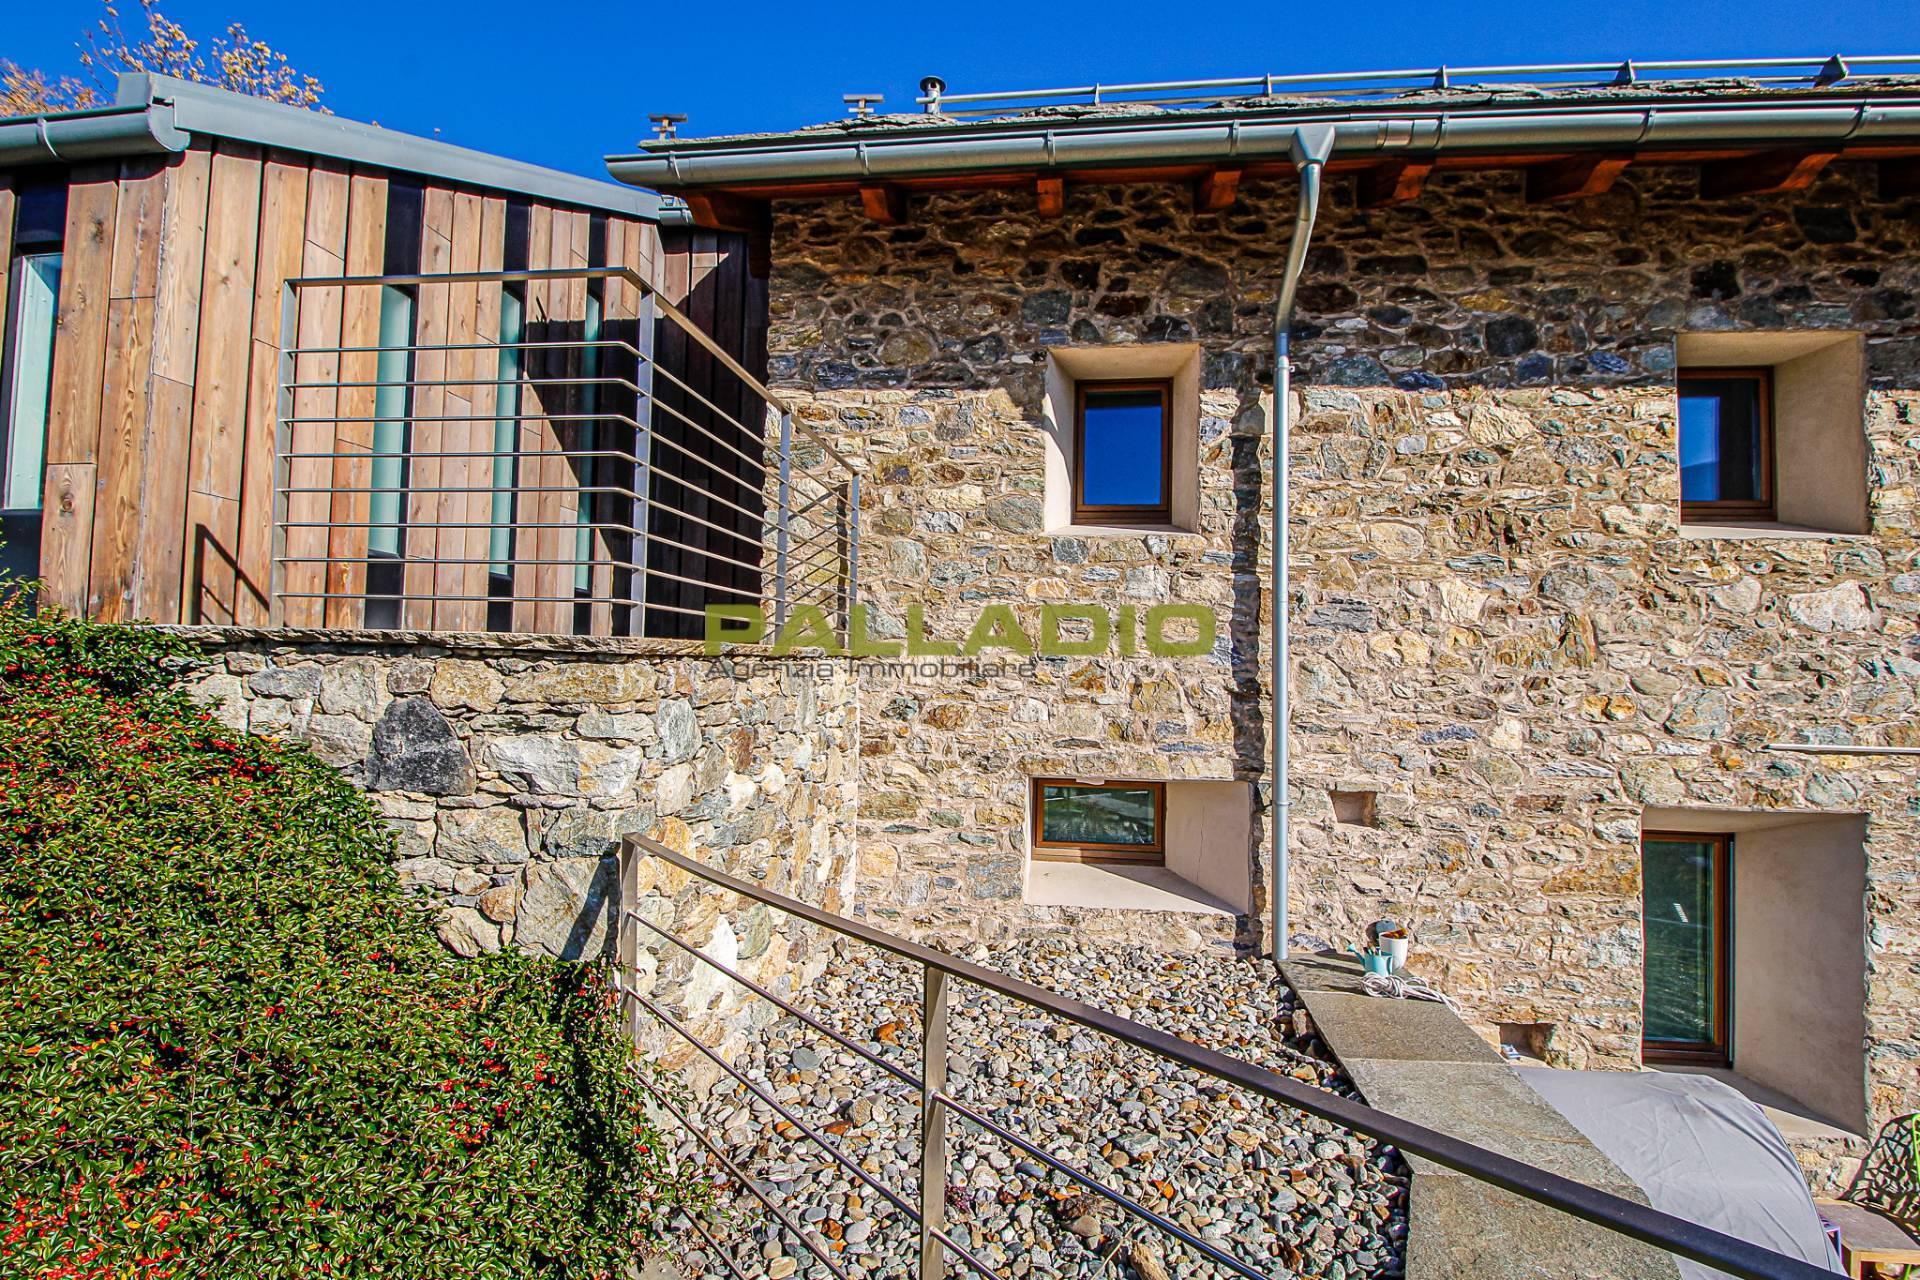 Appartamento in vendita a Saint-christophe (AO)